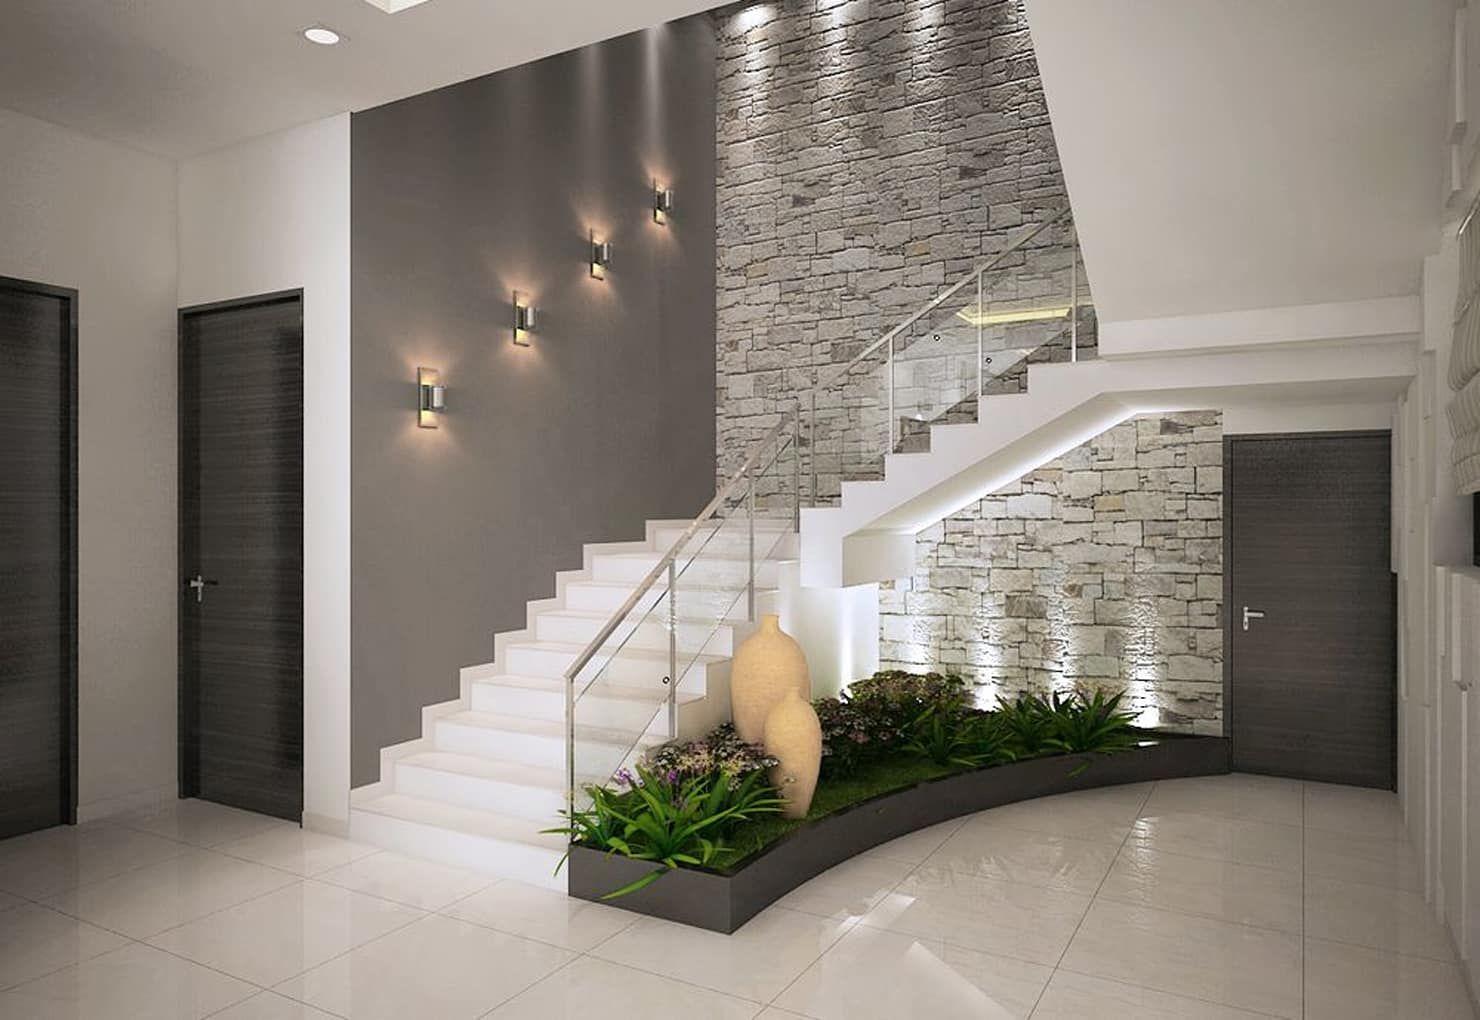 Pasillos y vest bulos de estilo de ace interiors casas for Interiores de casas modernas